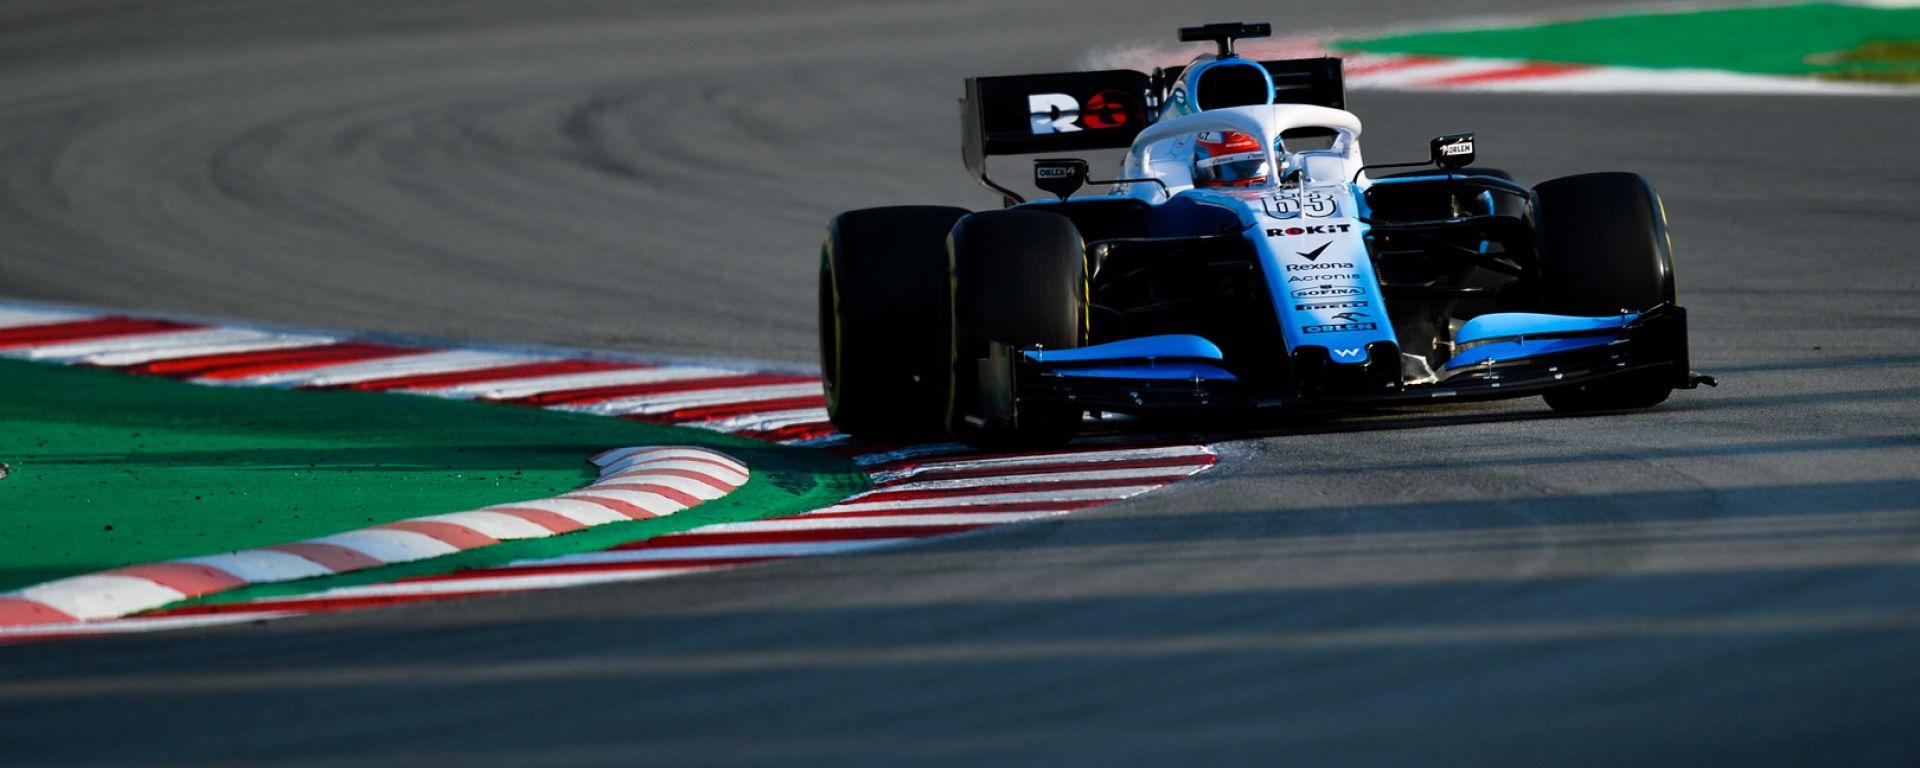 Test F1 Barcellona 2019, Russell affronta la chicane del secondo settore